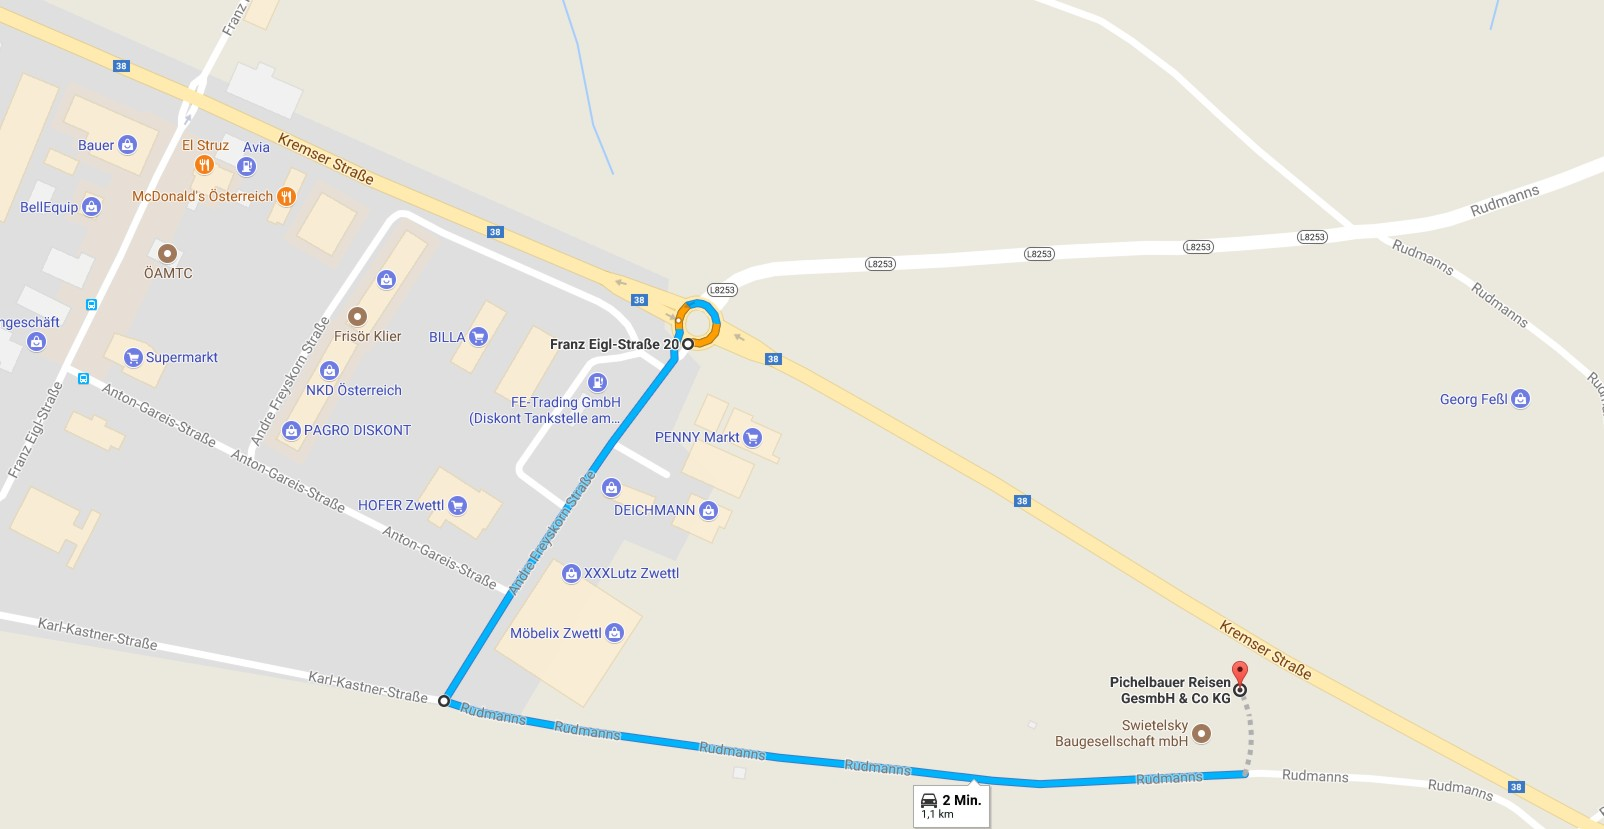 Anfahrt zum Busunternehmen Pichelbauer